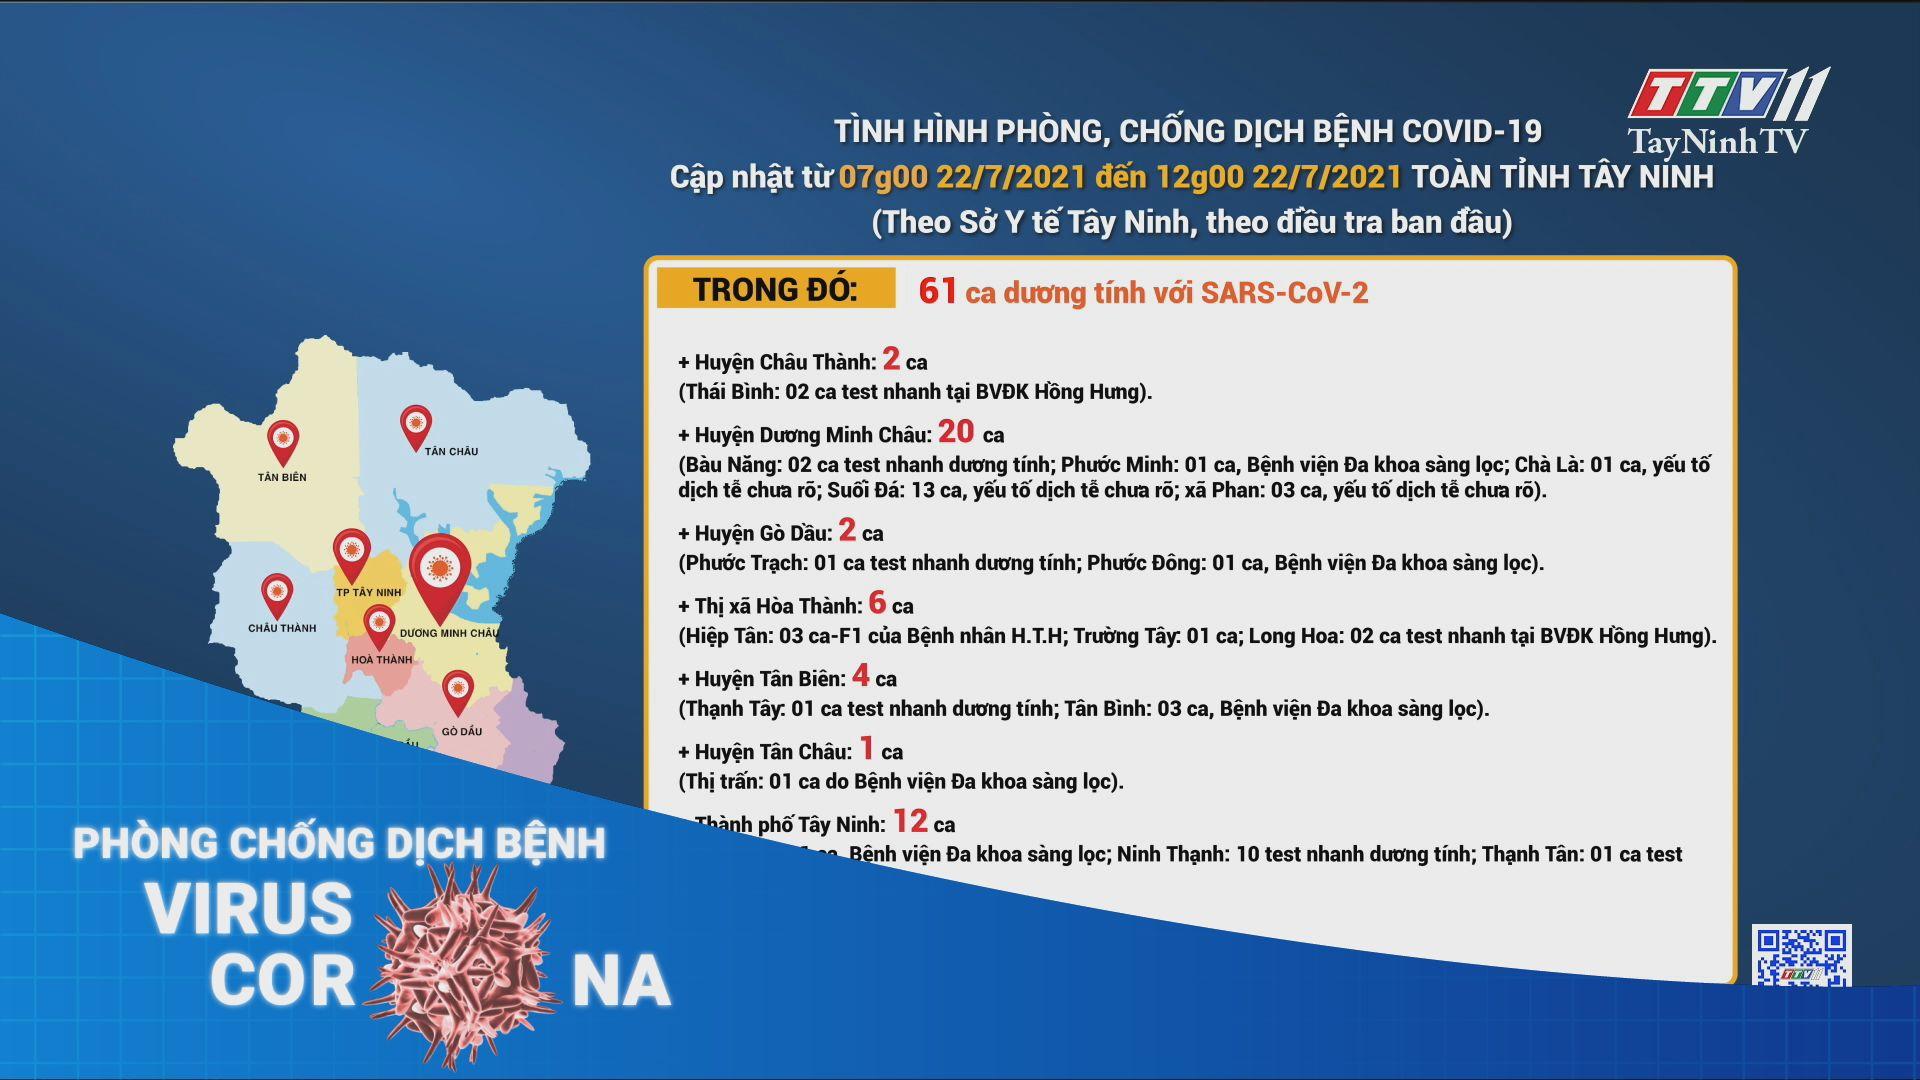 Cập nhật tình hình dịch bệnh Covid-19 đến 12 giờ ngày 22/7/2021   THÔNG TIN DỊCH COVID-19   TayNinhTV